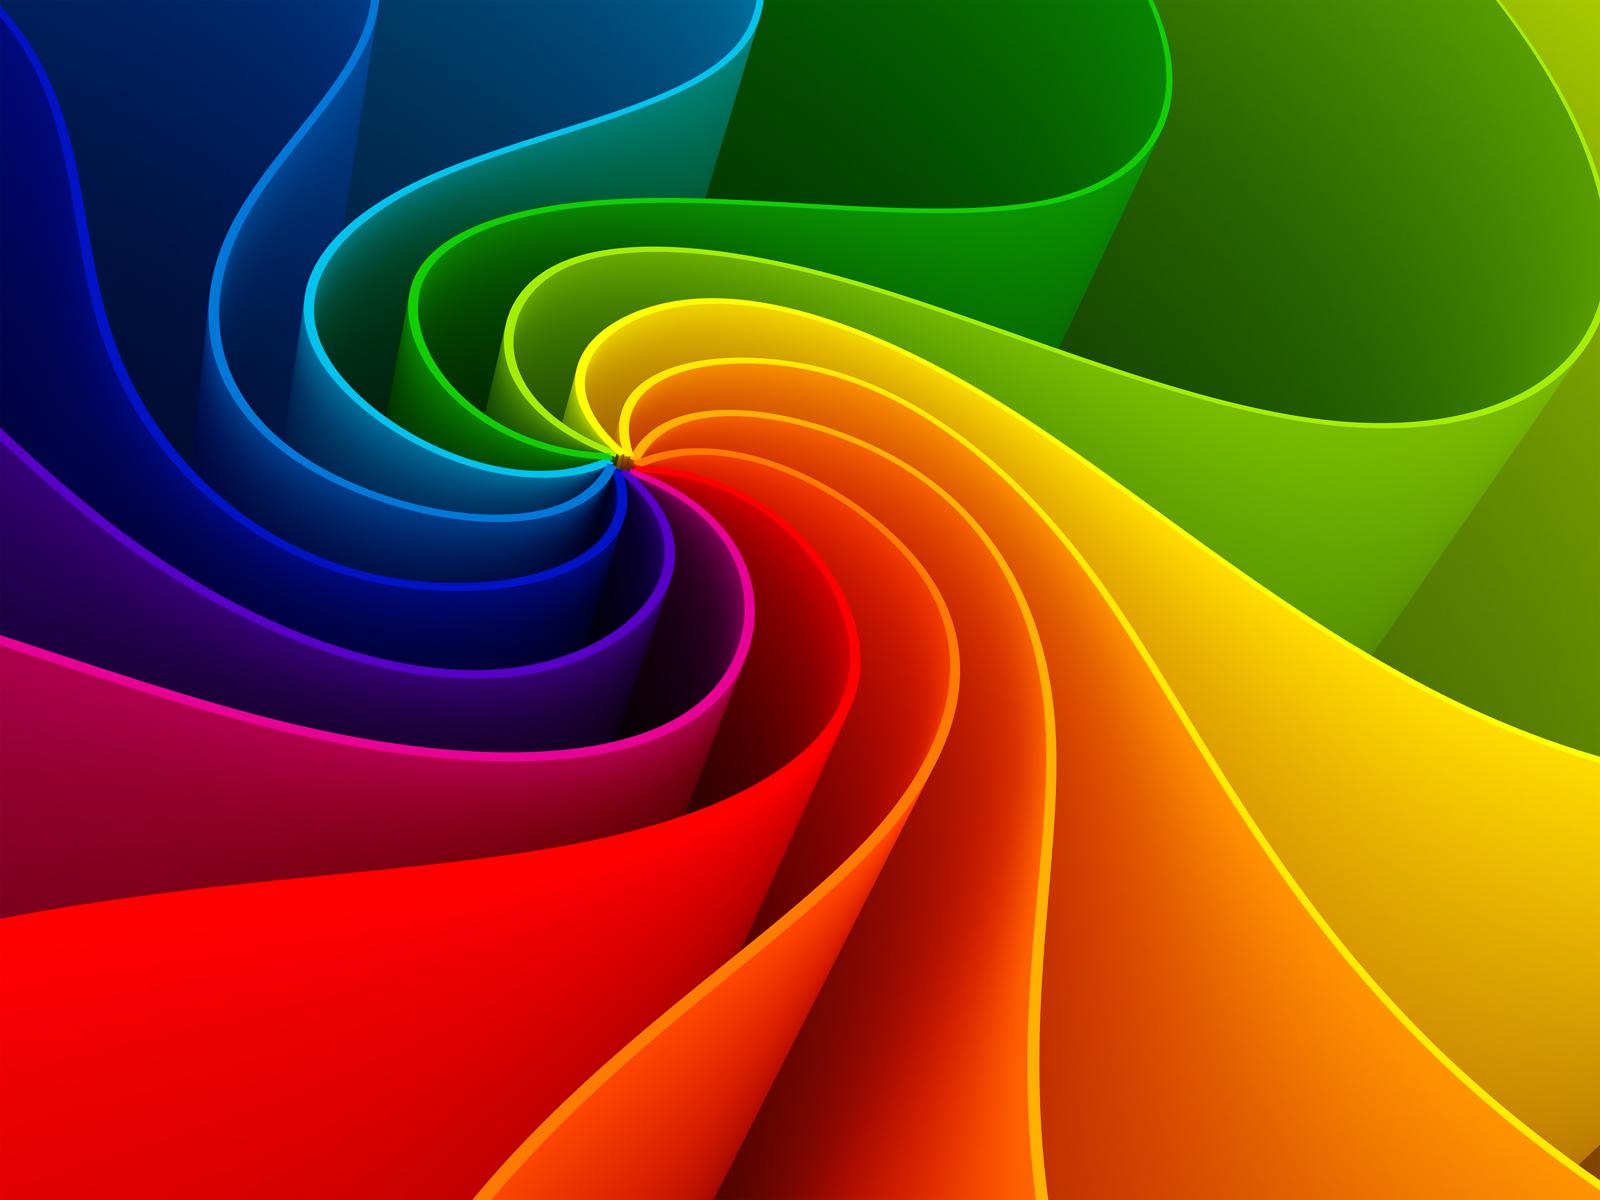 Renkleri Dinliyorum | Rainbows and Color wheels